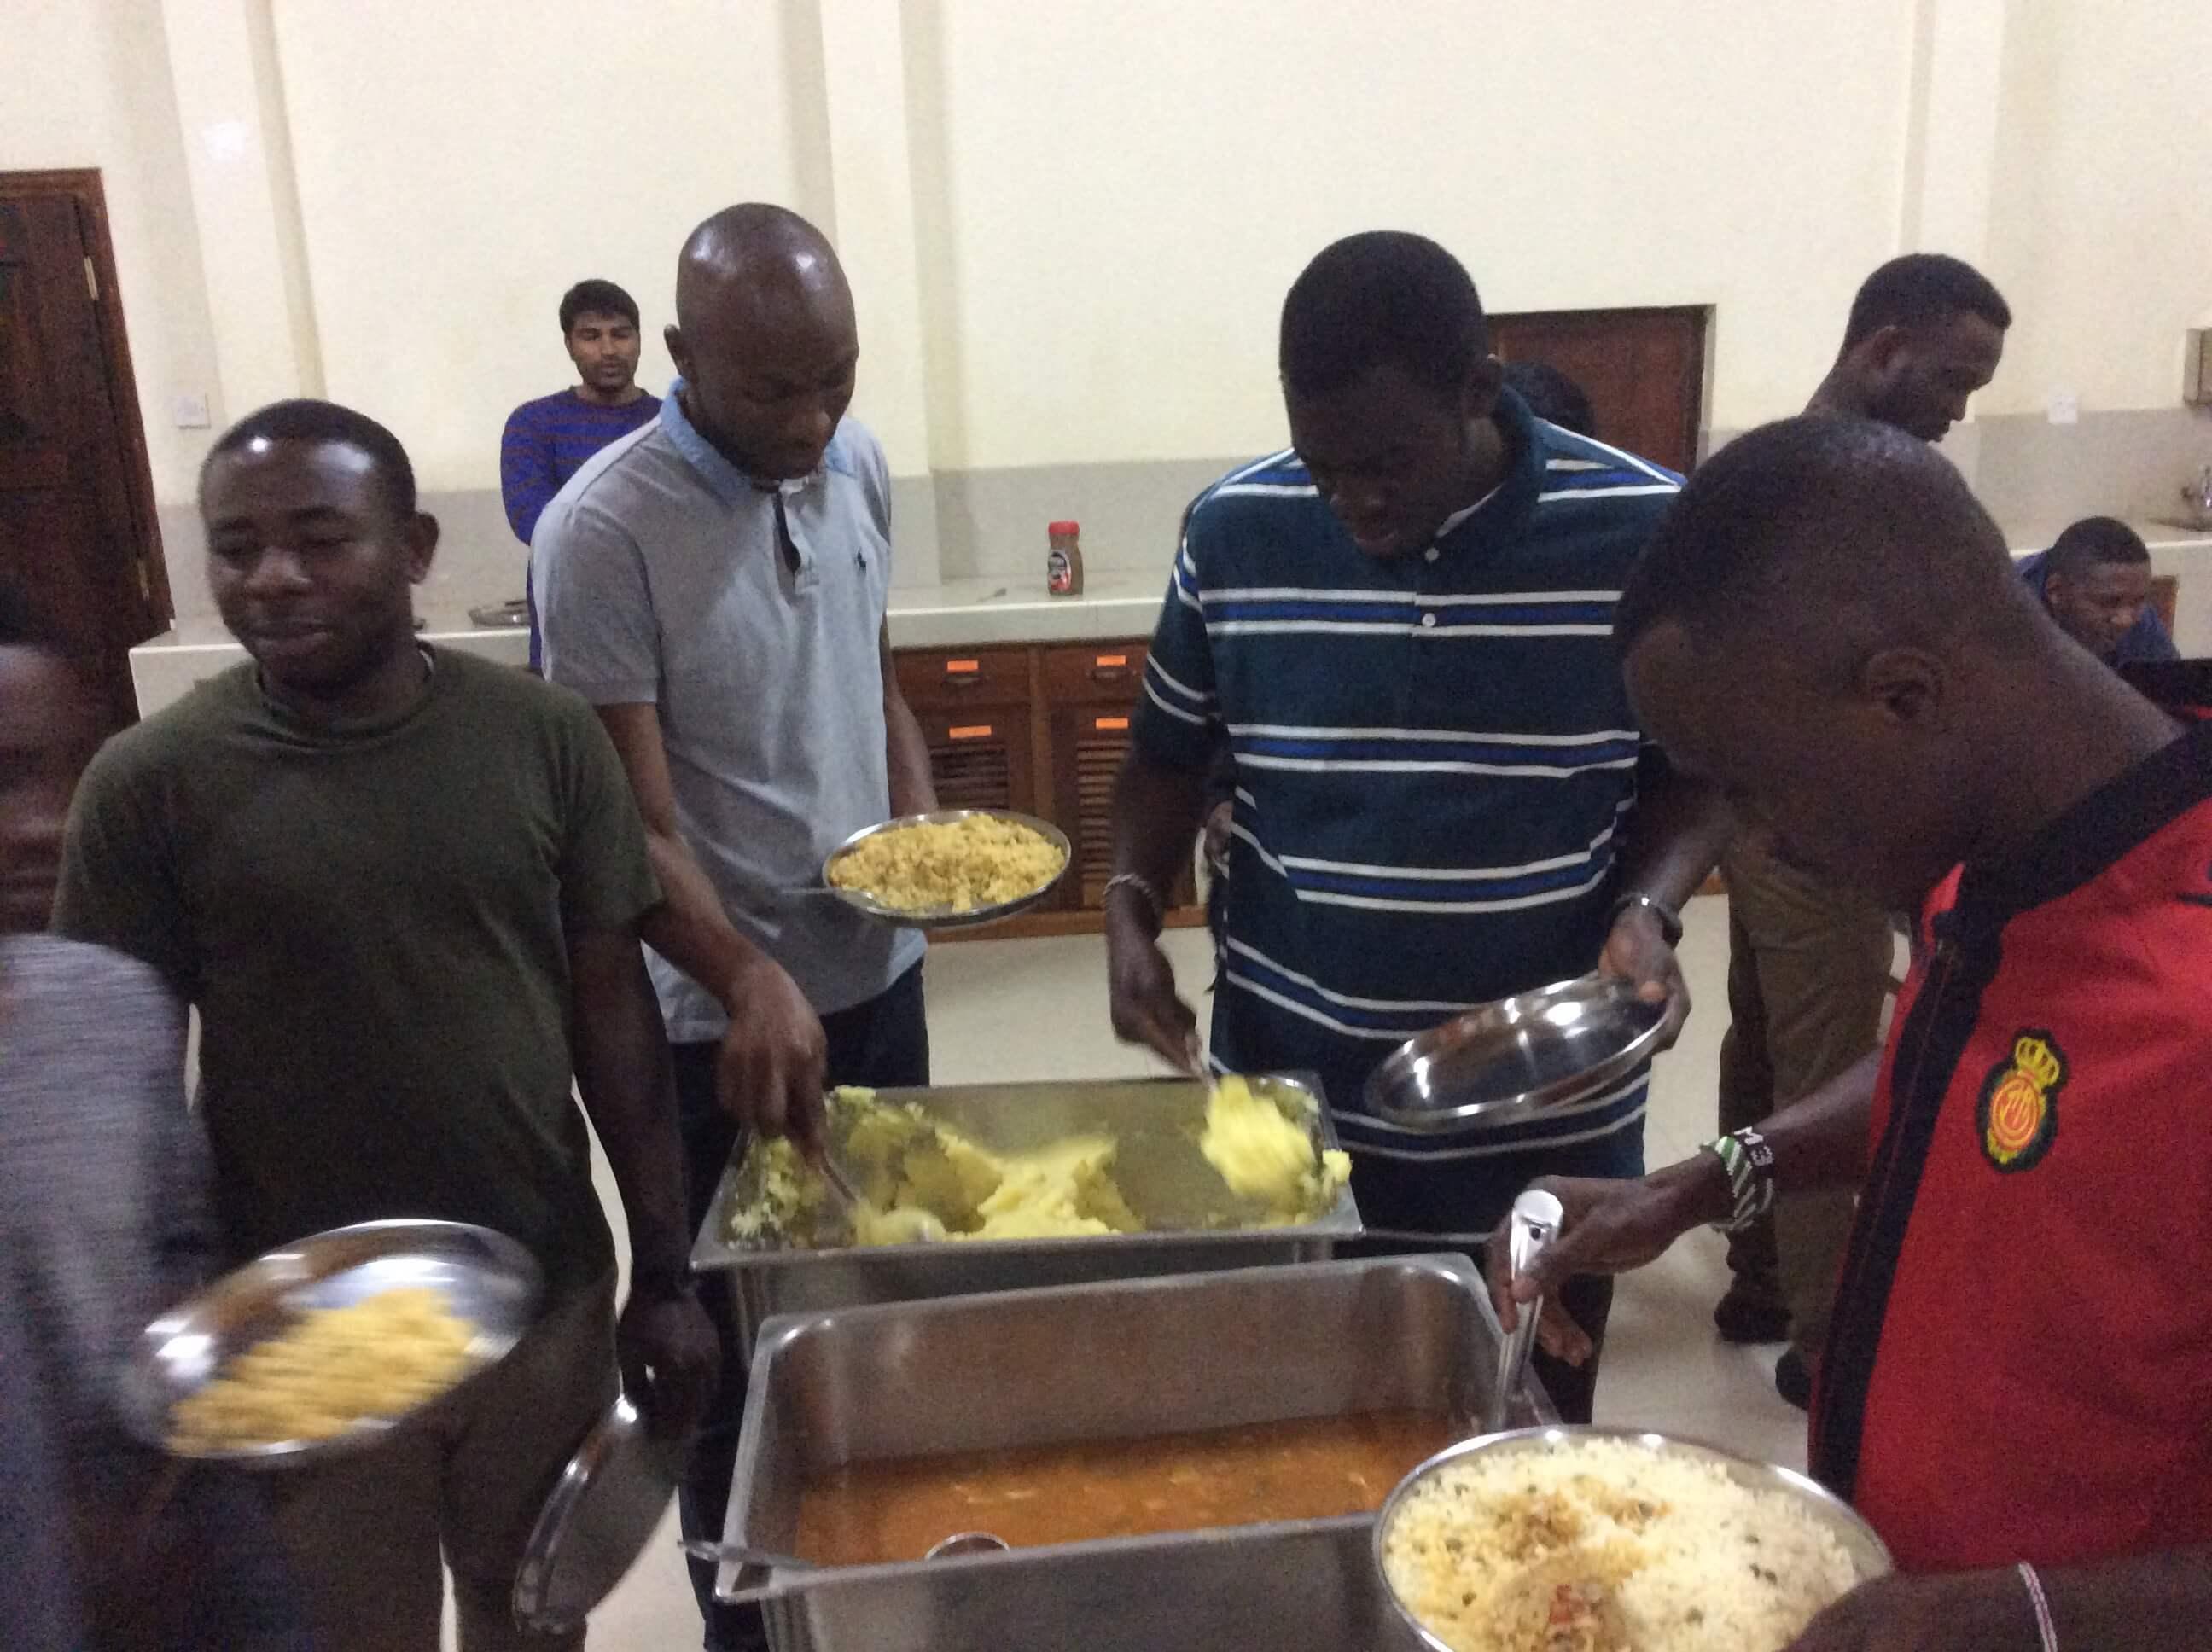 SMA Seminarians at mealtime - food line